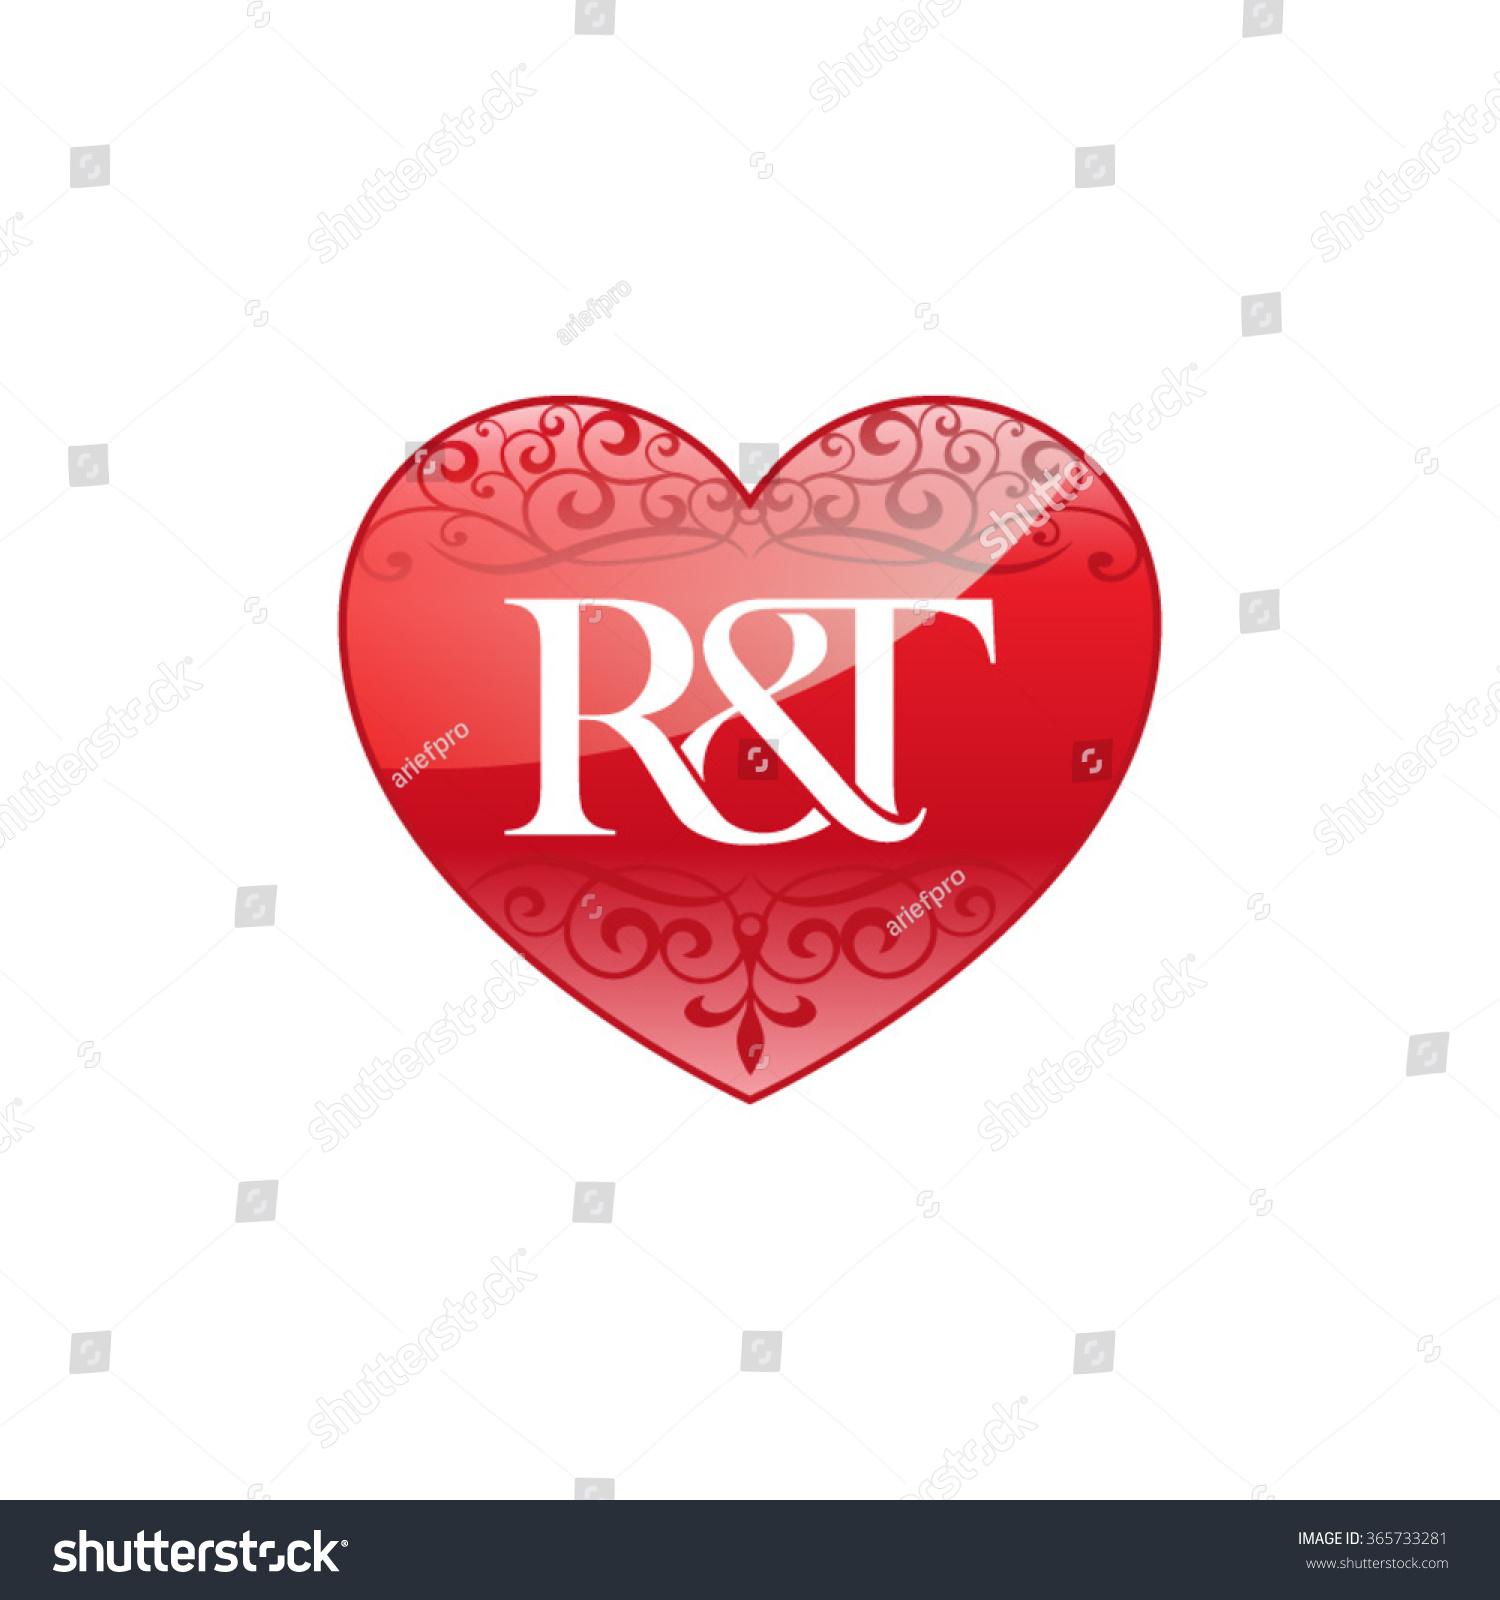 Rt Initial Letter Logo Ornament Heart Stock Vector ...